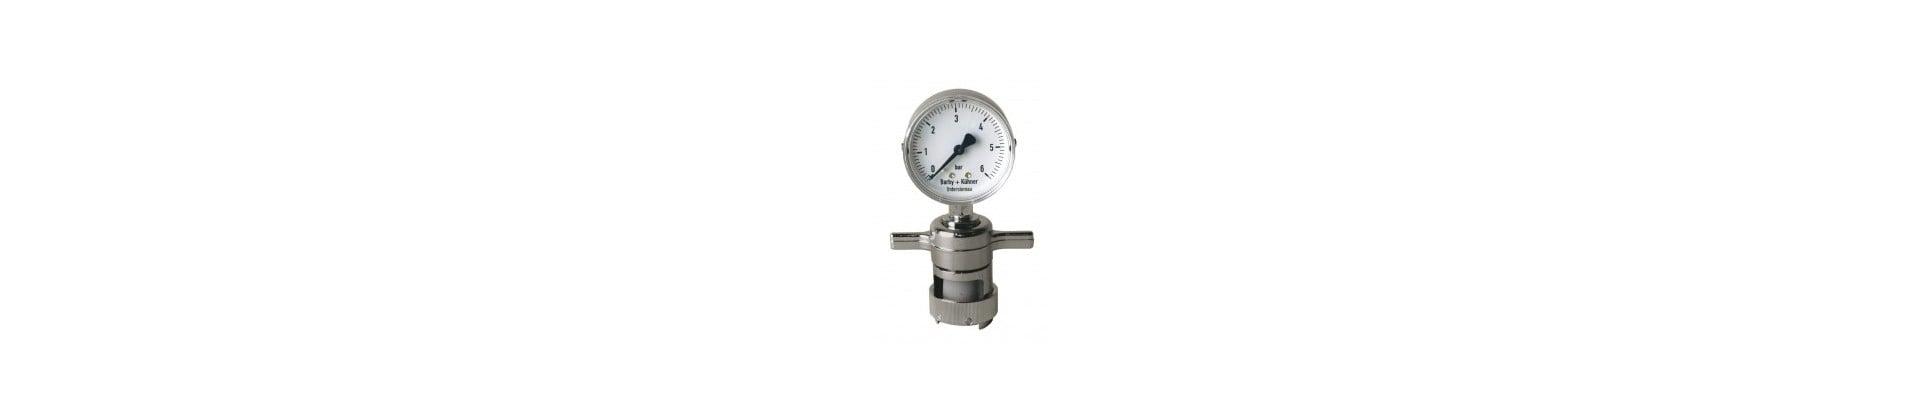 CO2 measurement